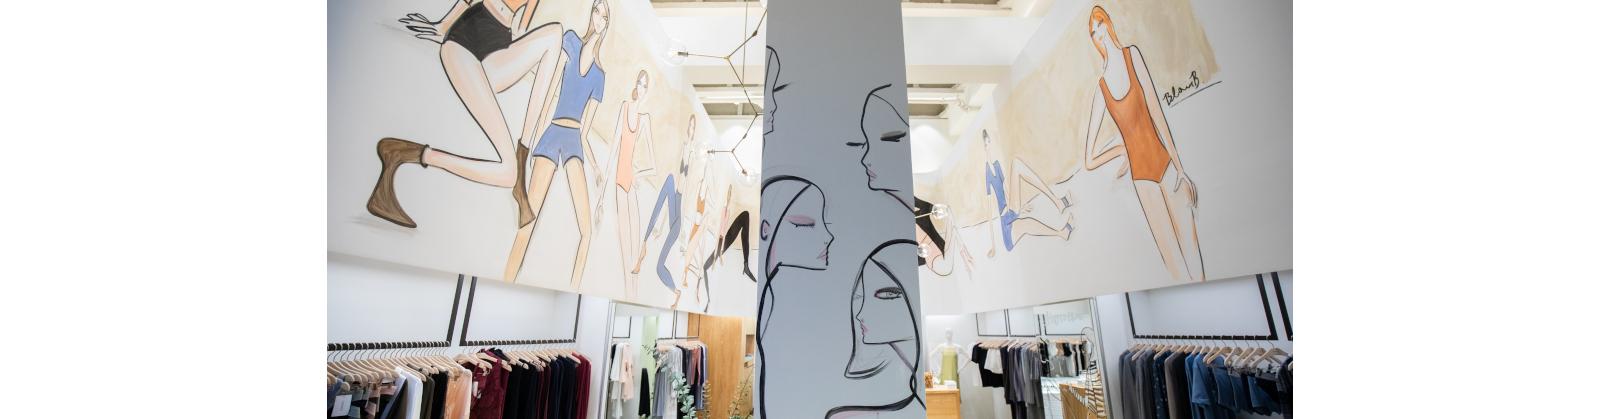 Blair Breitenstein Kunstwerk HANRO Store New York